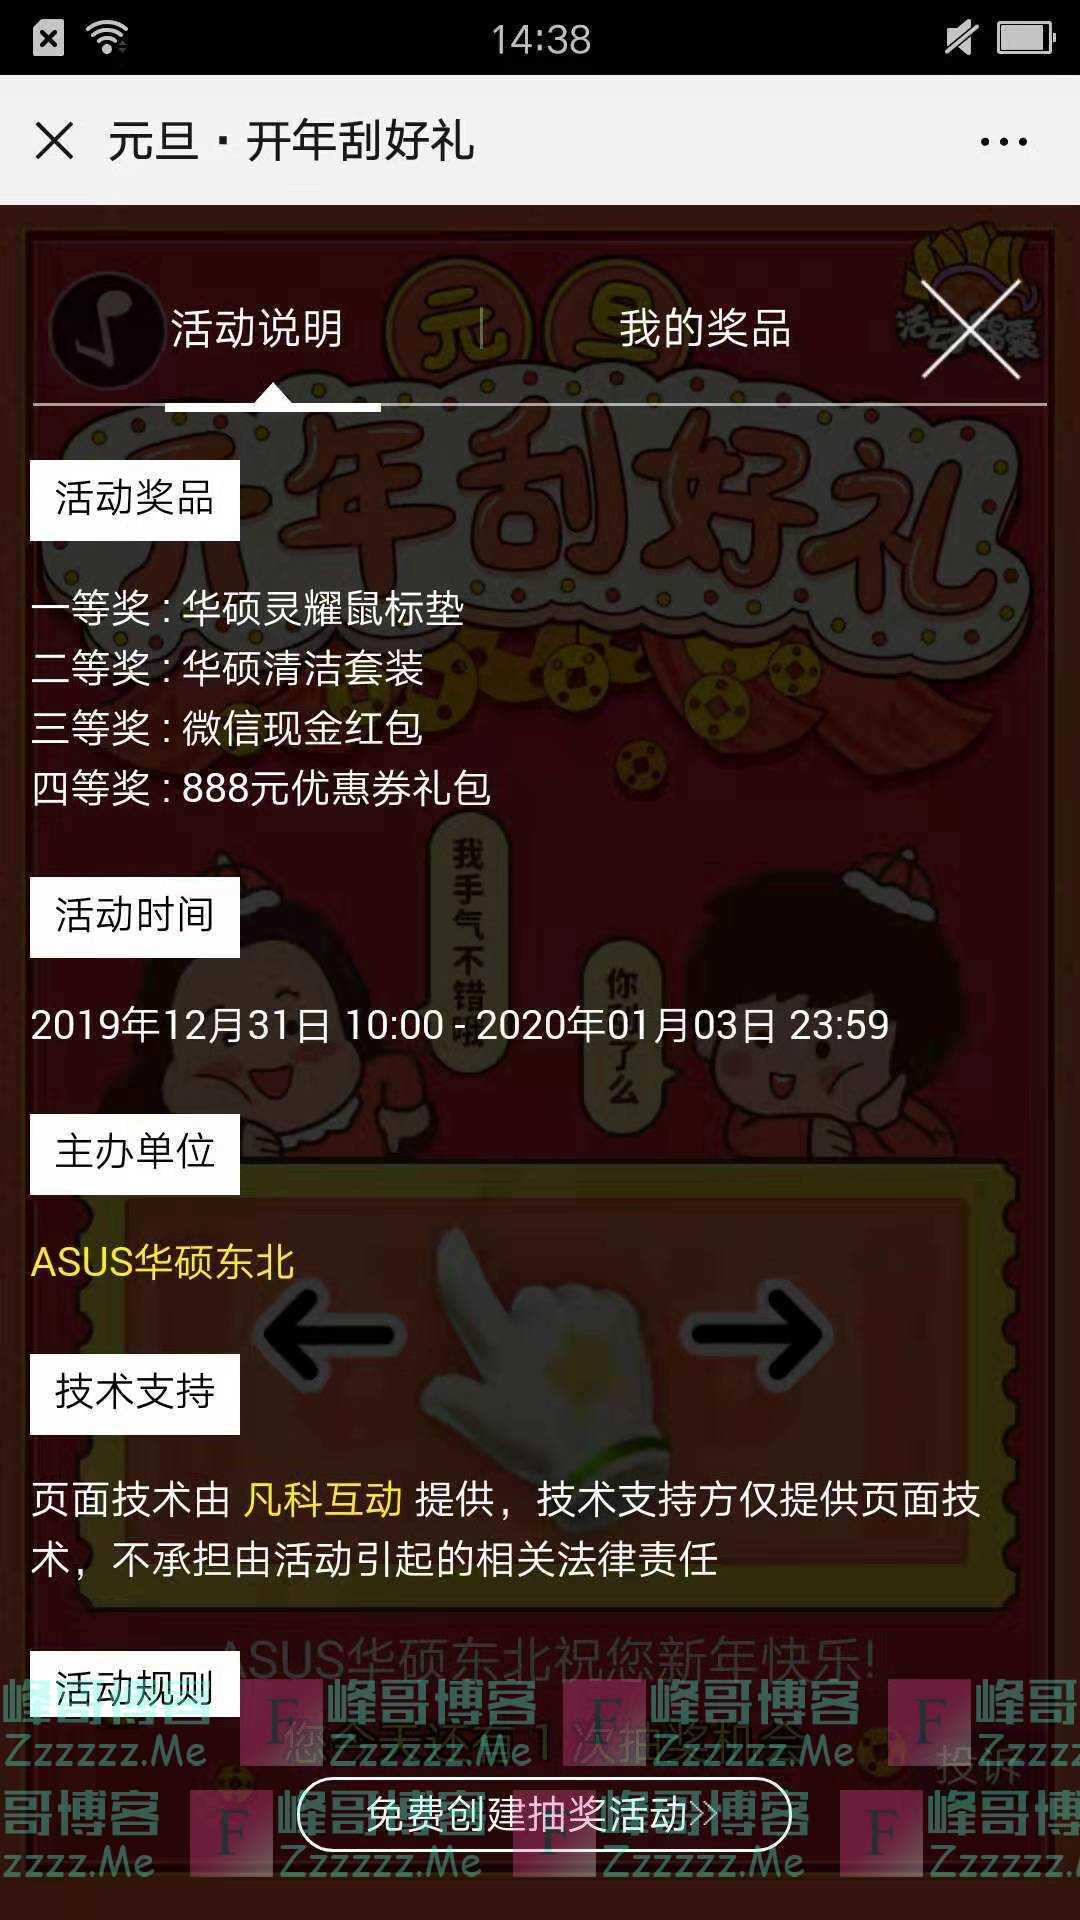 ASUS华硕东北开年刮好礼(截止1月3日)